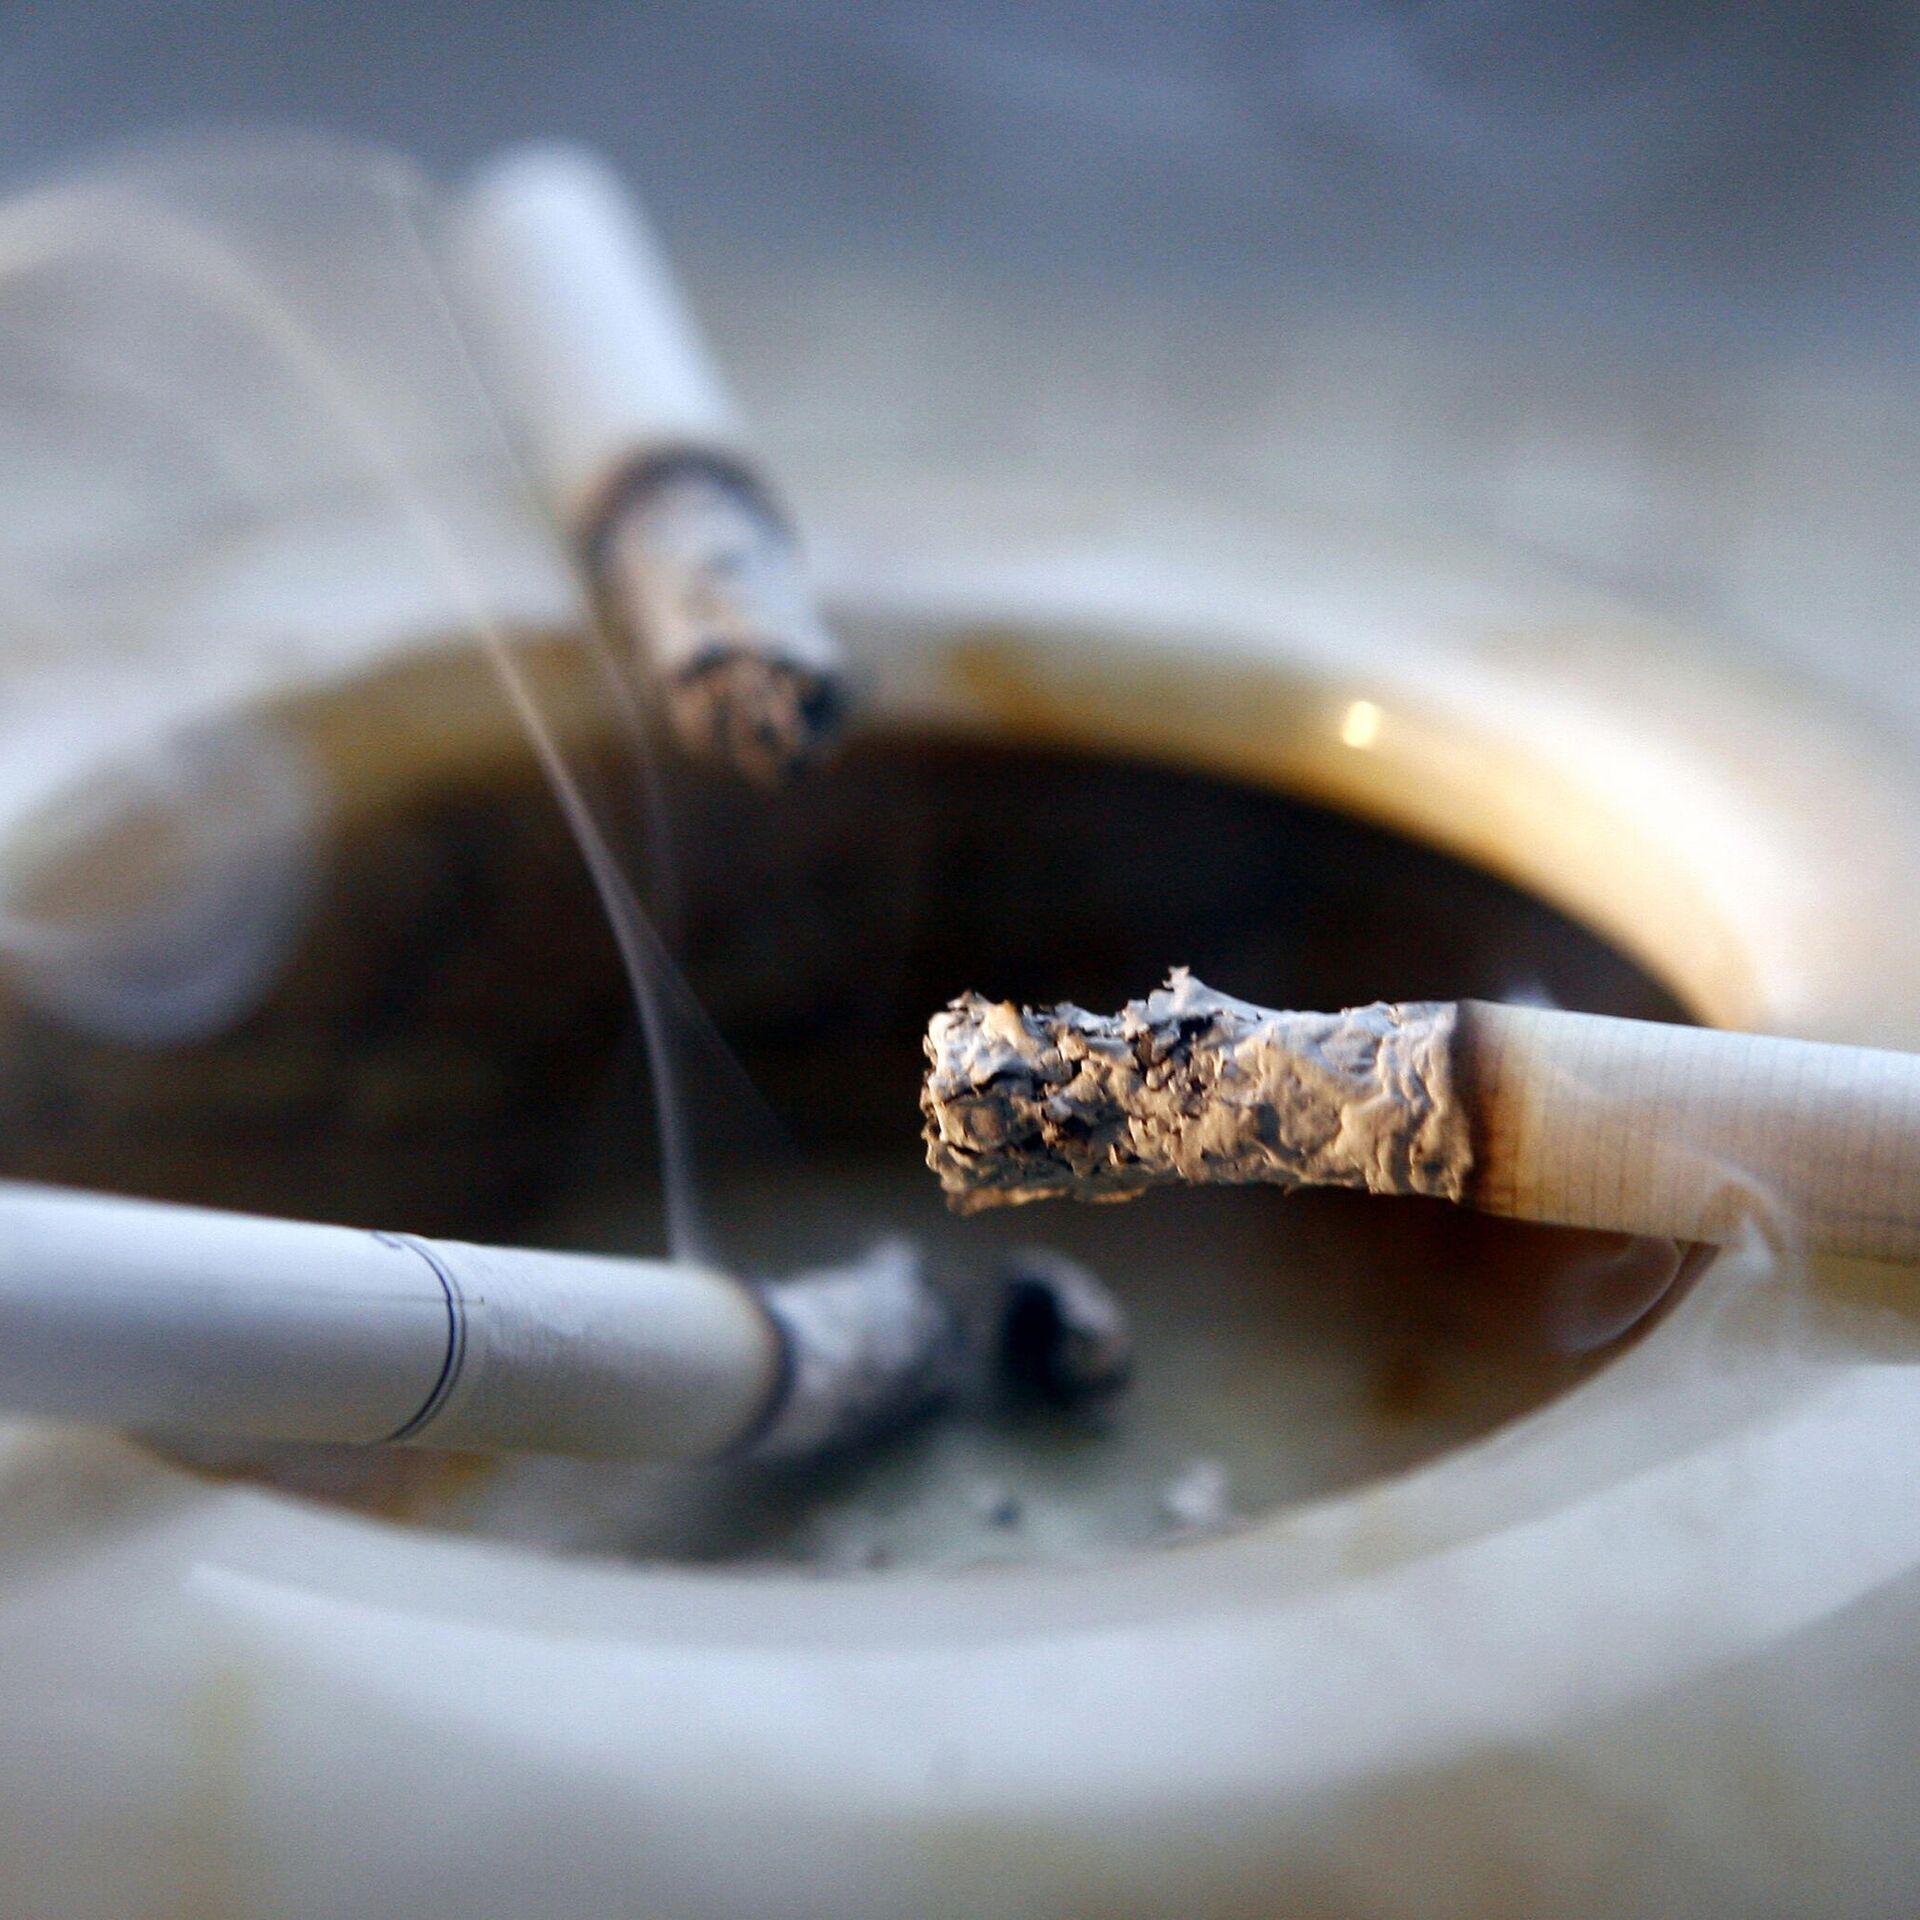 Закон о регулировании оборота табачных изделии купить жидкость для электронных сигарет спб интернет магазин